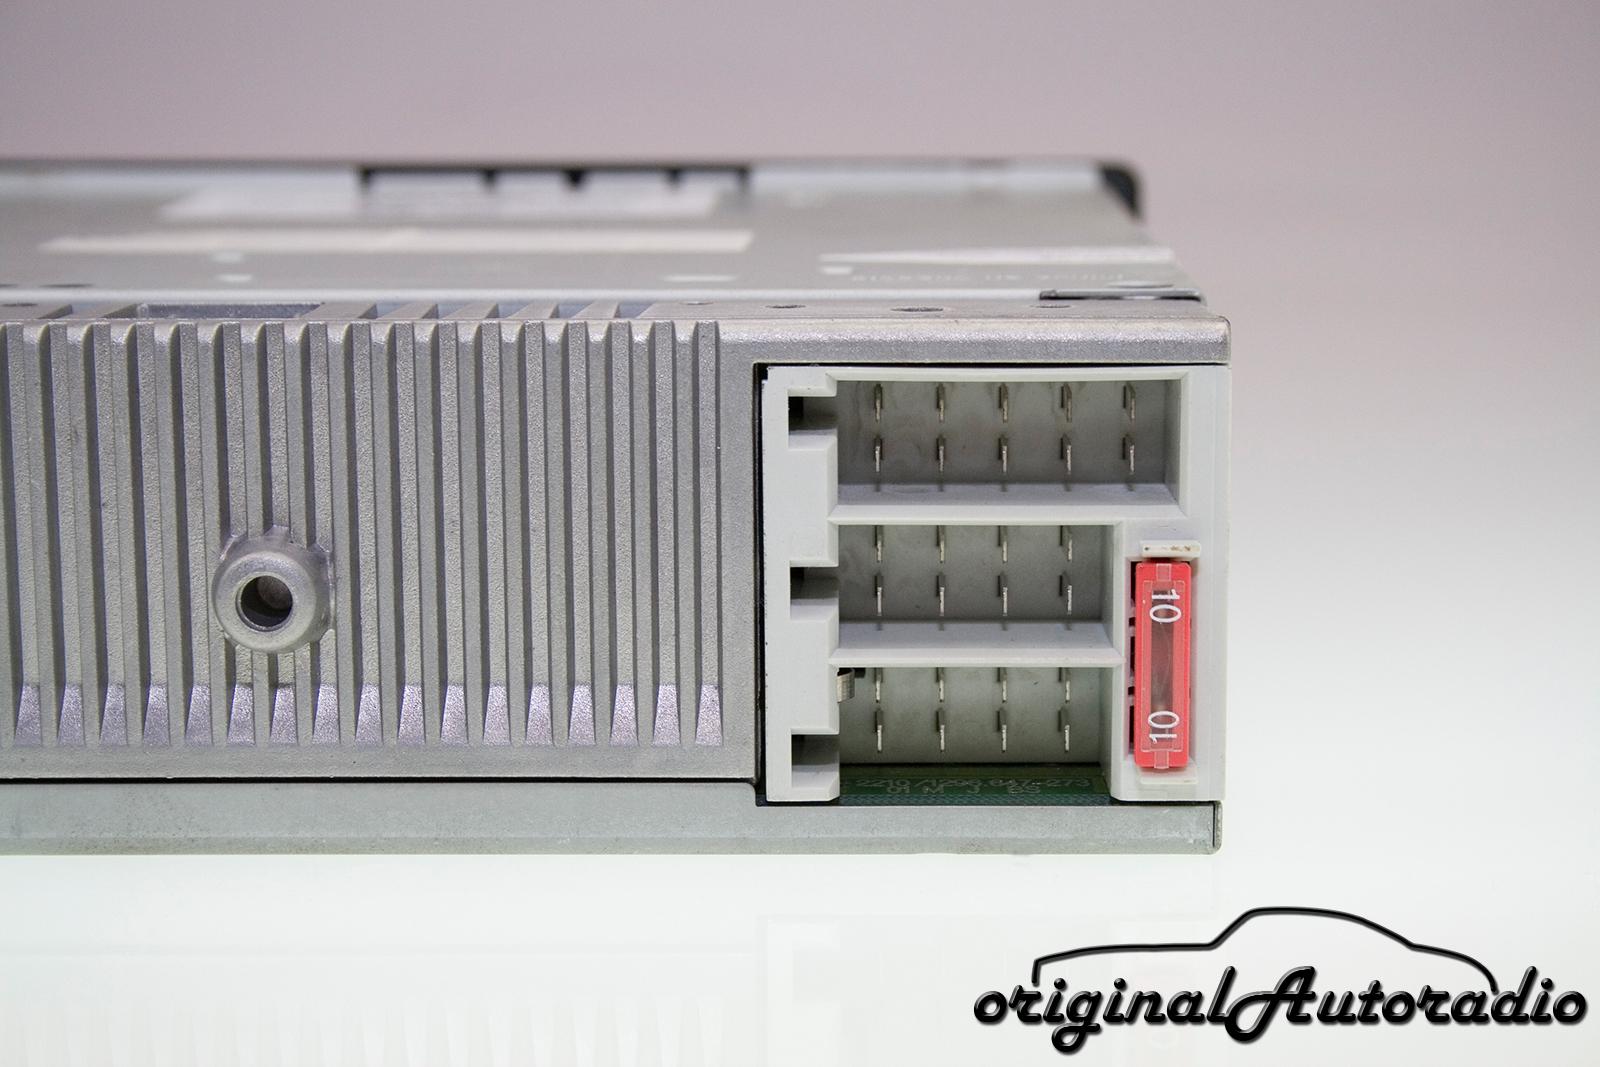 Original-Autoradio.de - Mercedes Special BE2210 CC Becker ... on